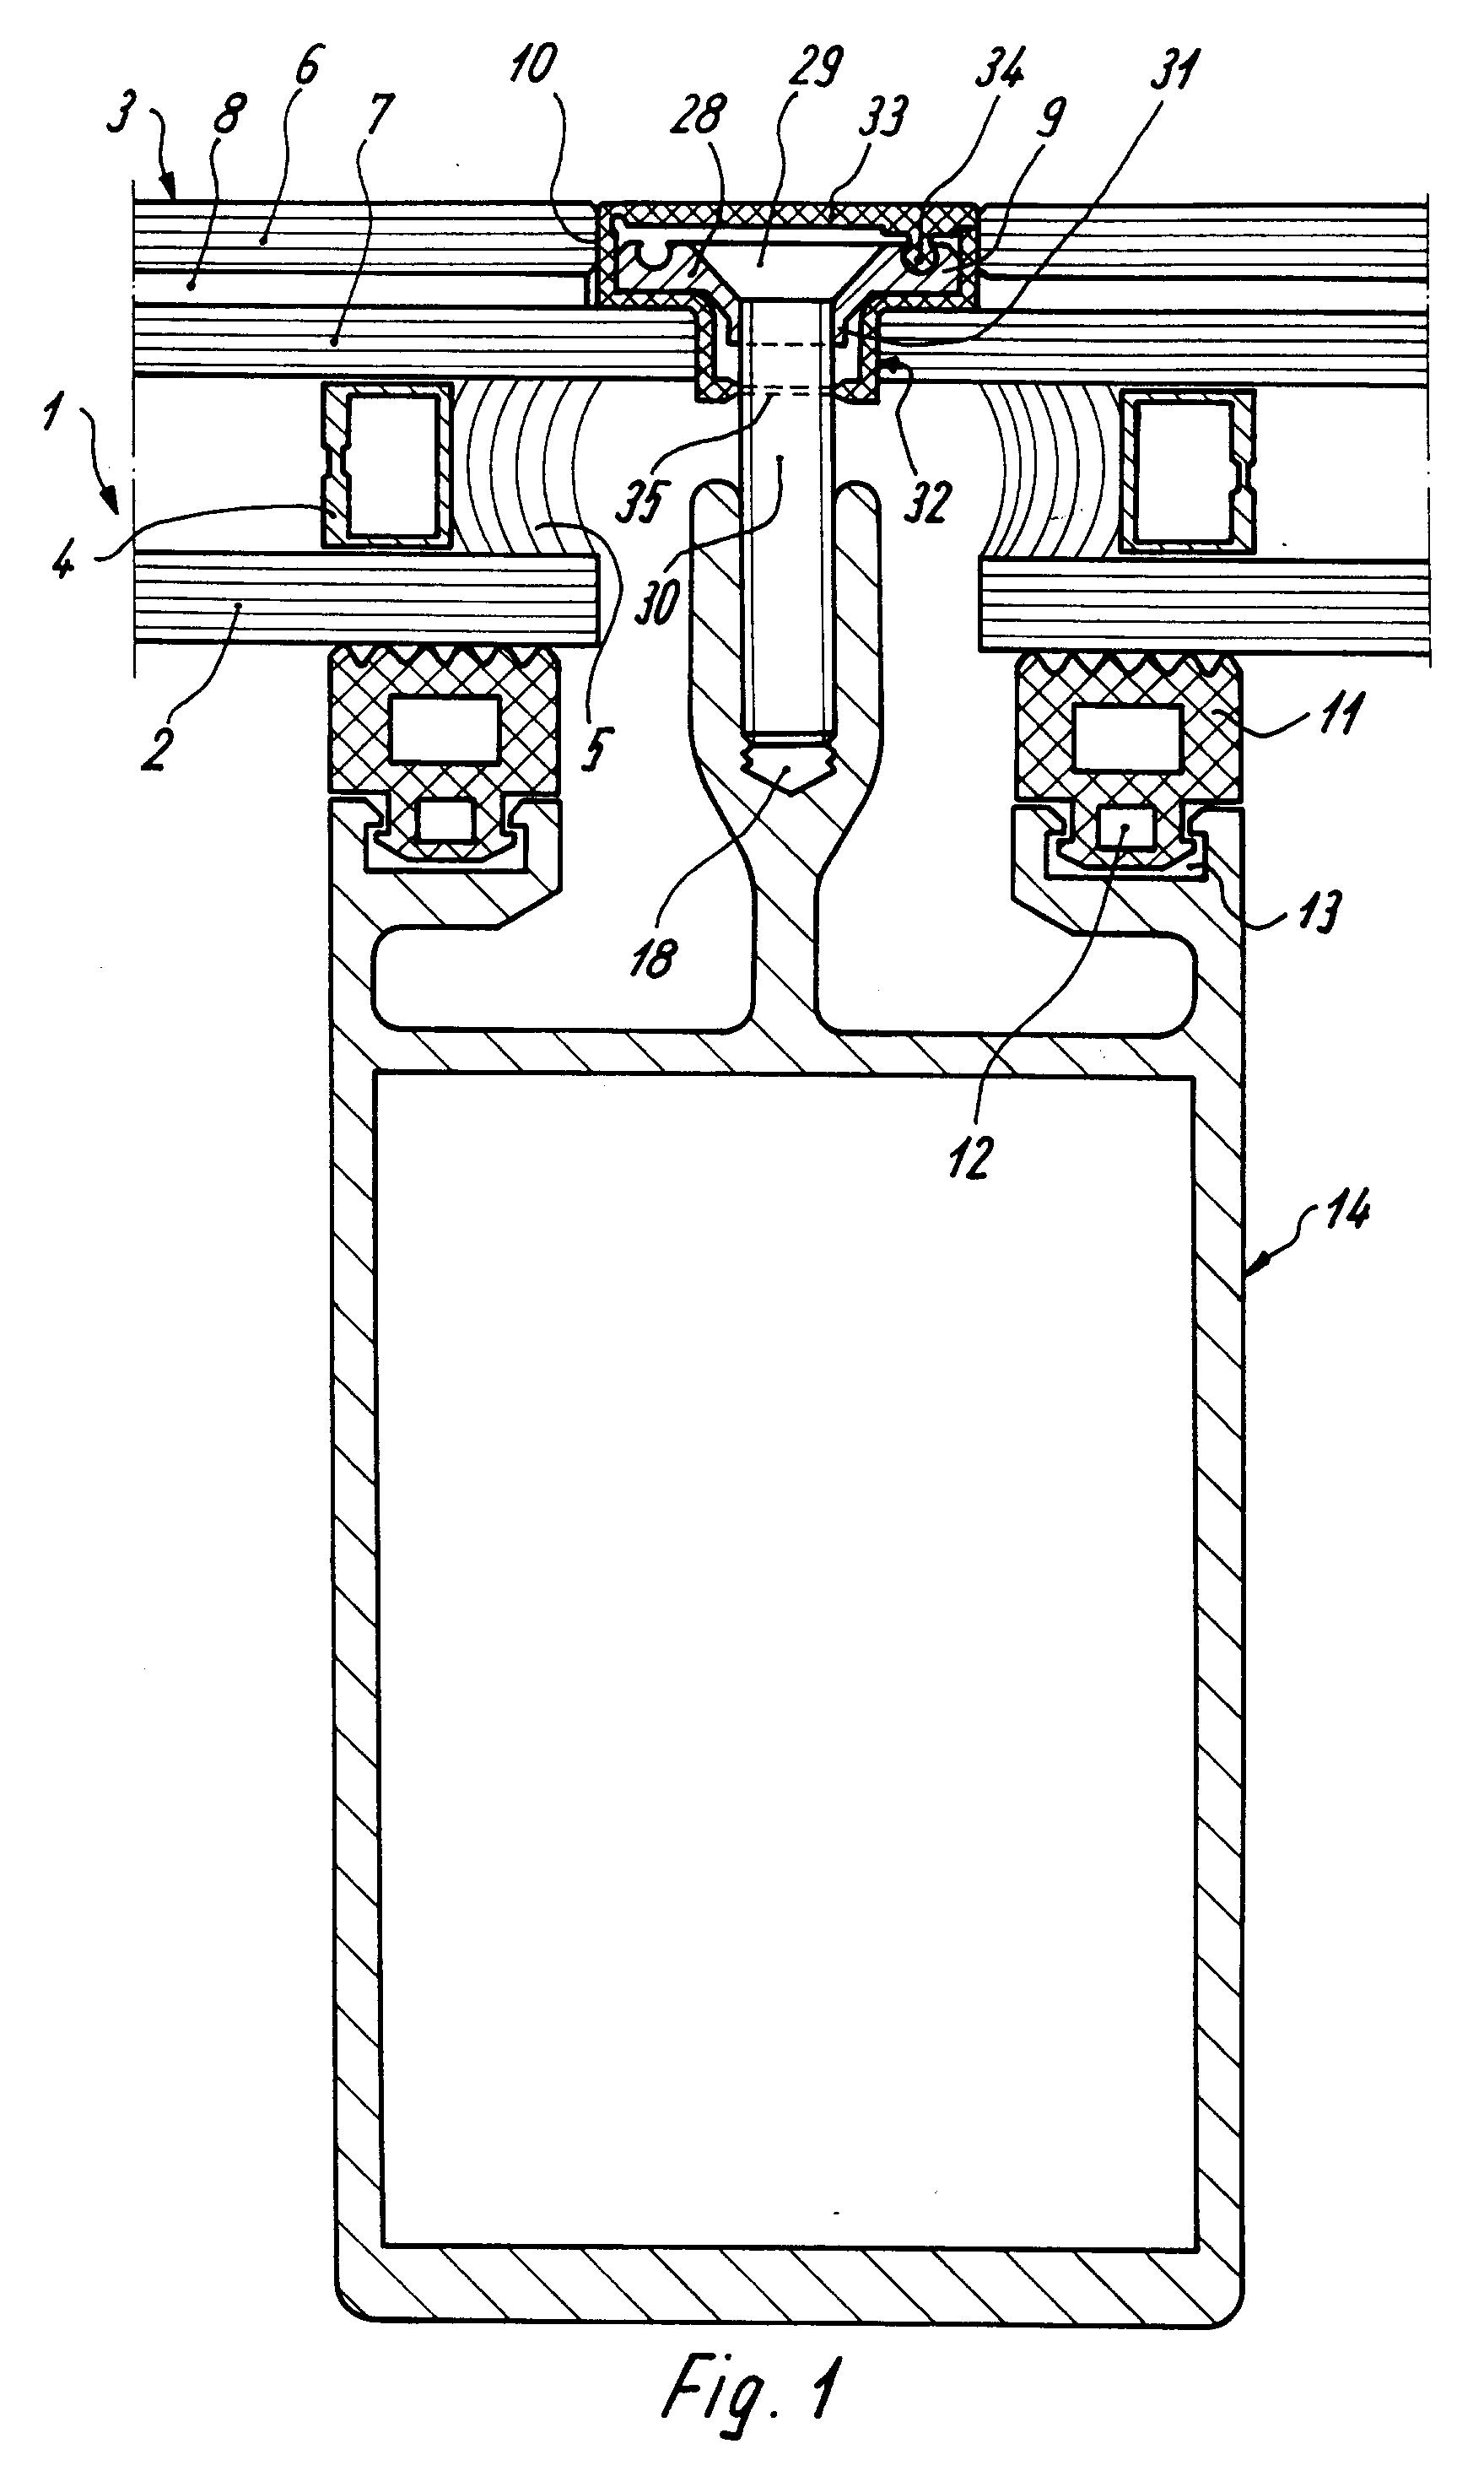 patent ep0324927b1 befestigung f r isolierglassscheiben einer aussenwand oder dachverglasung. Black Bedroom Furniture Sets. Home Design Ideas